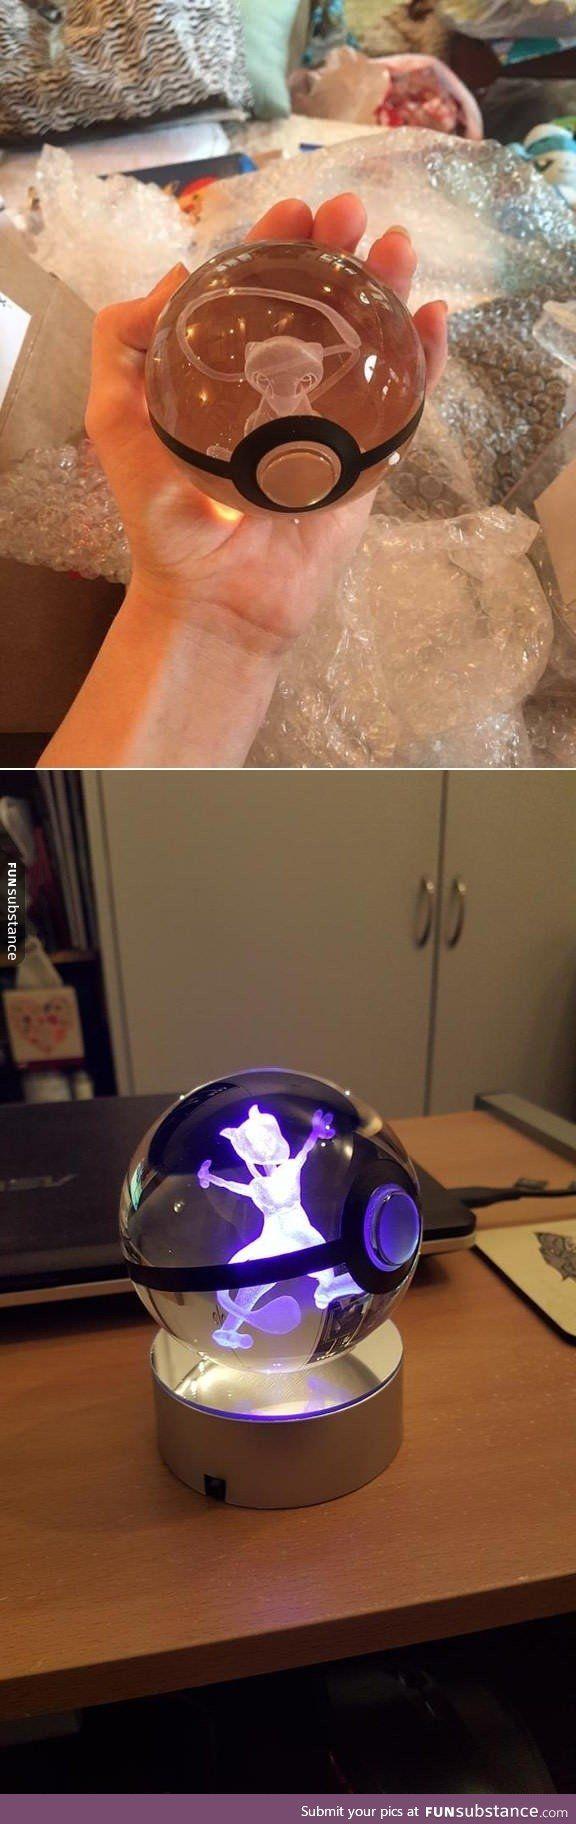 Epic Crystal Ball Pokemon Display